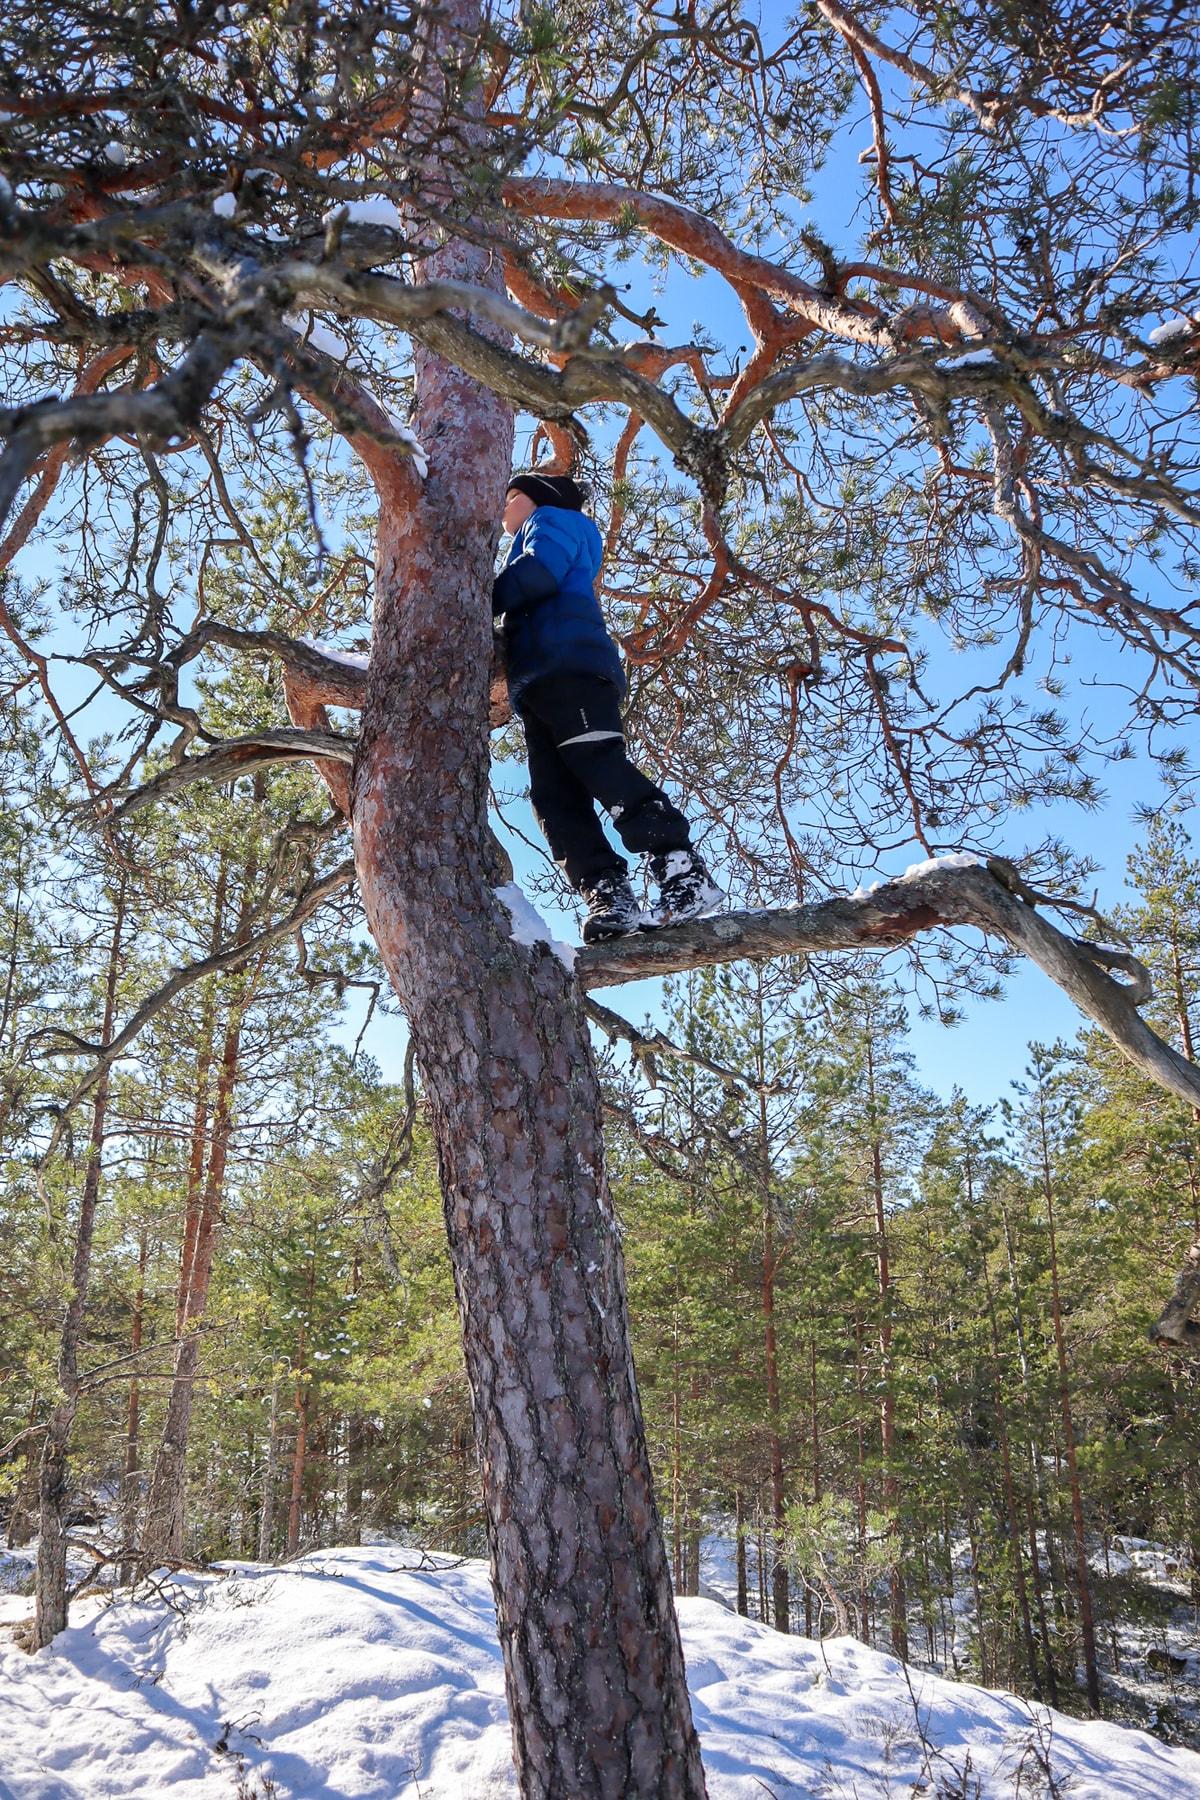 Palakoski / Kiipeilyä puissa